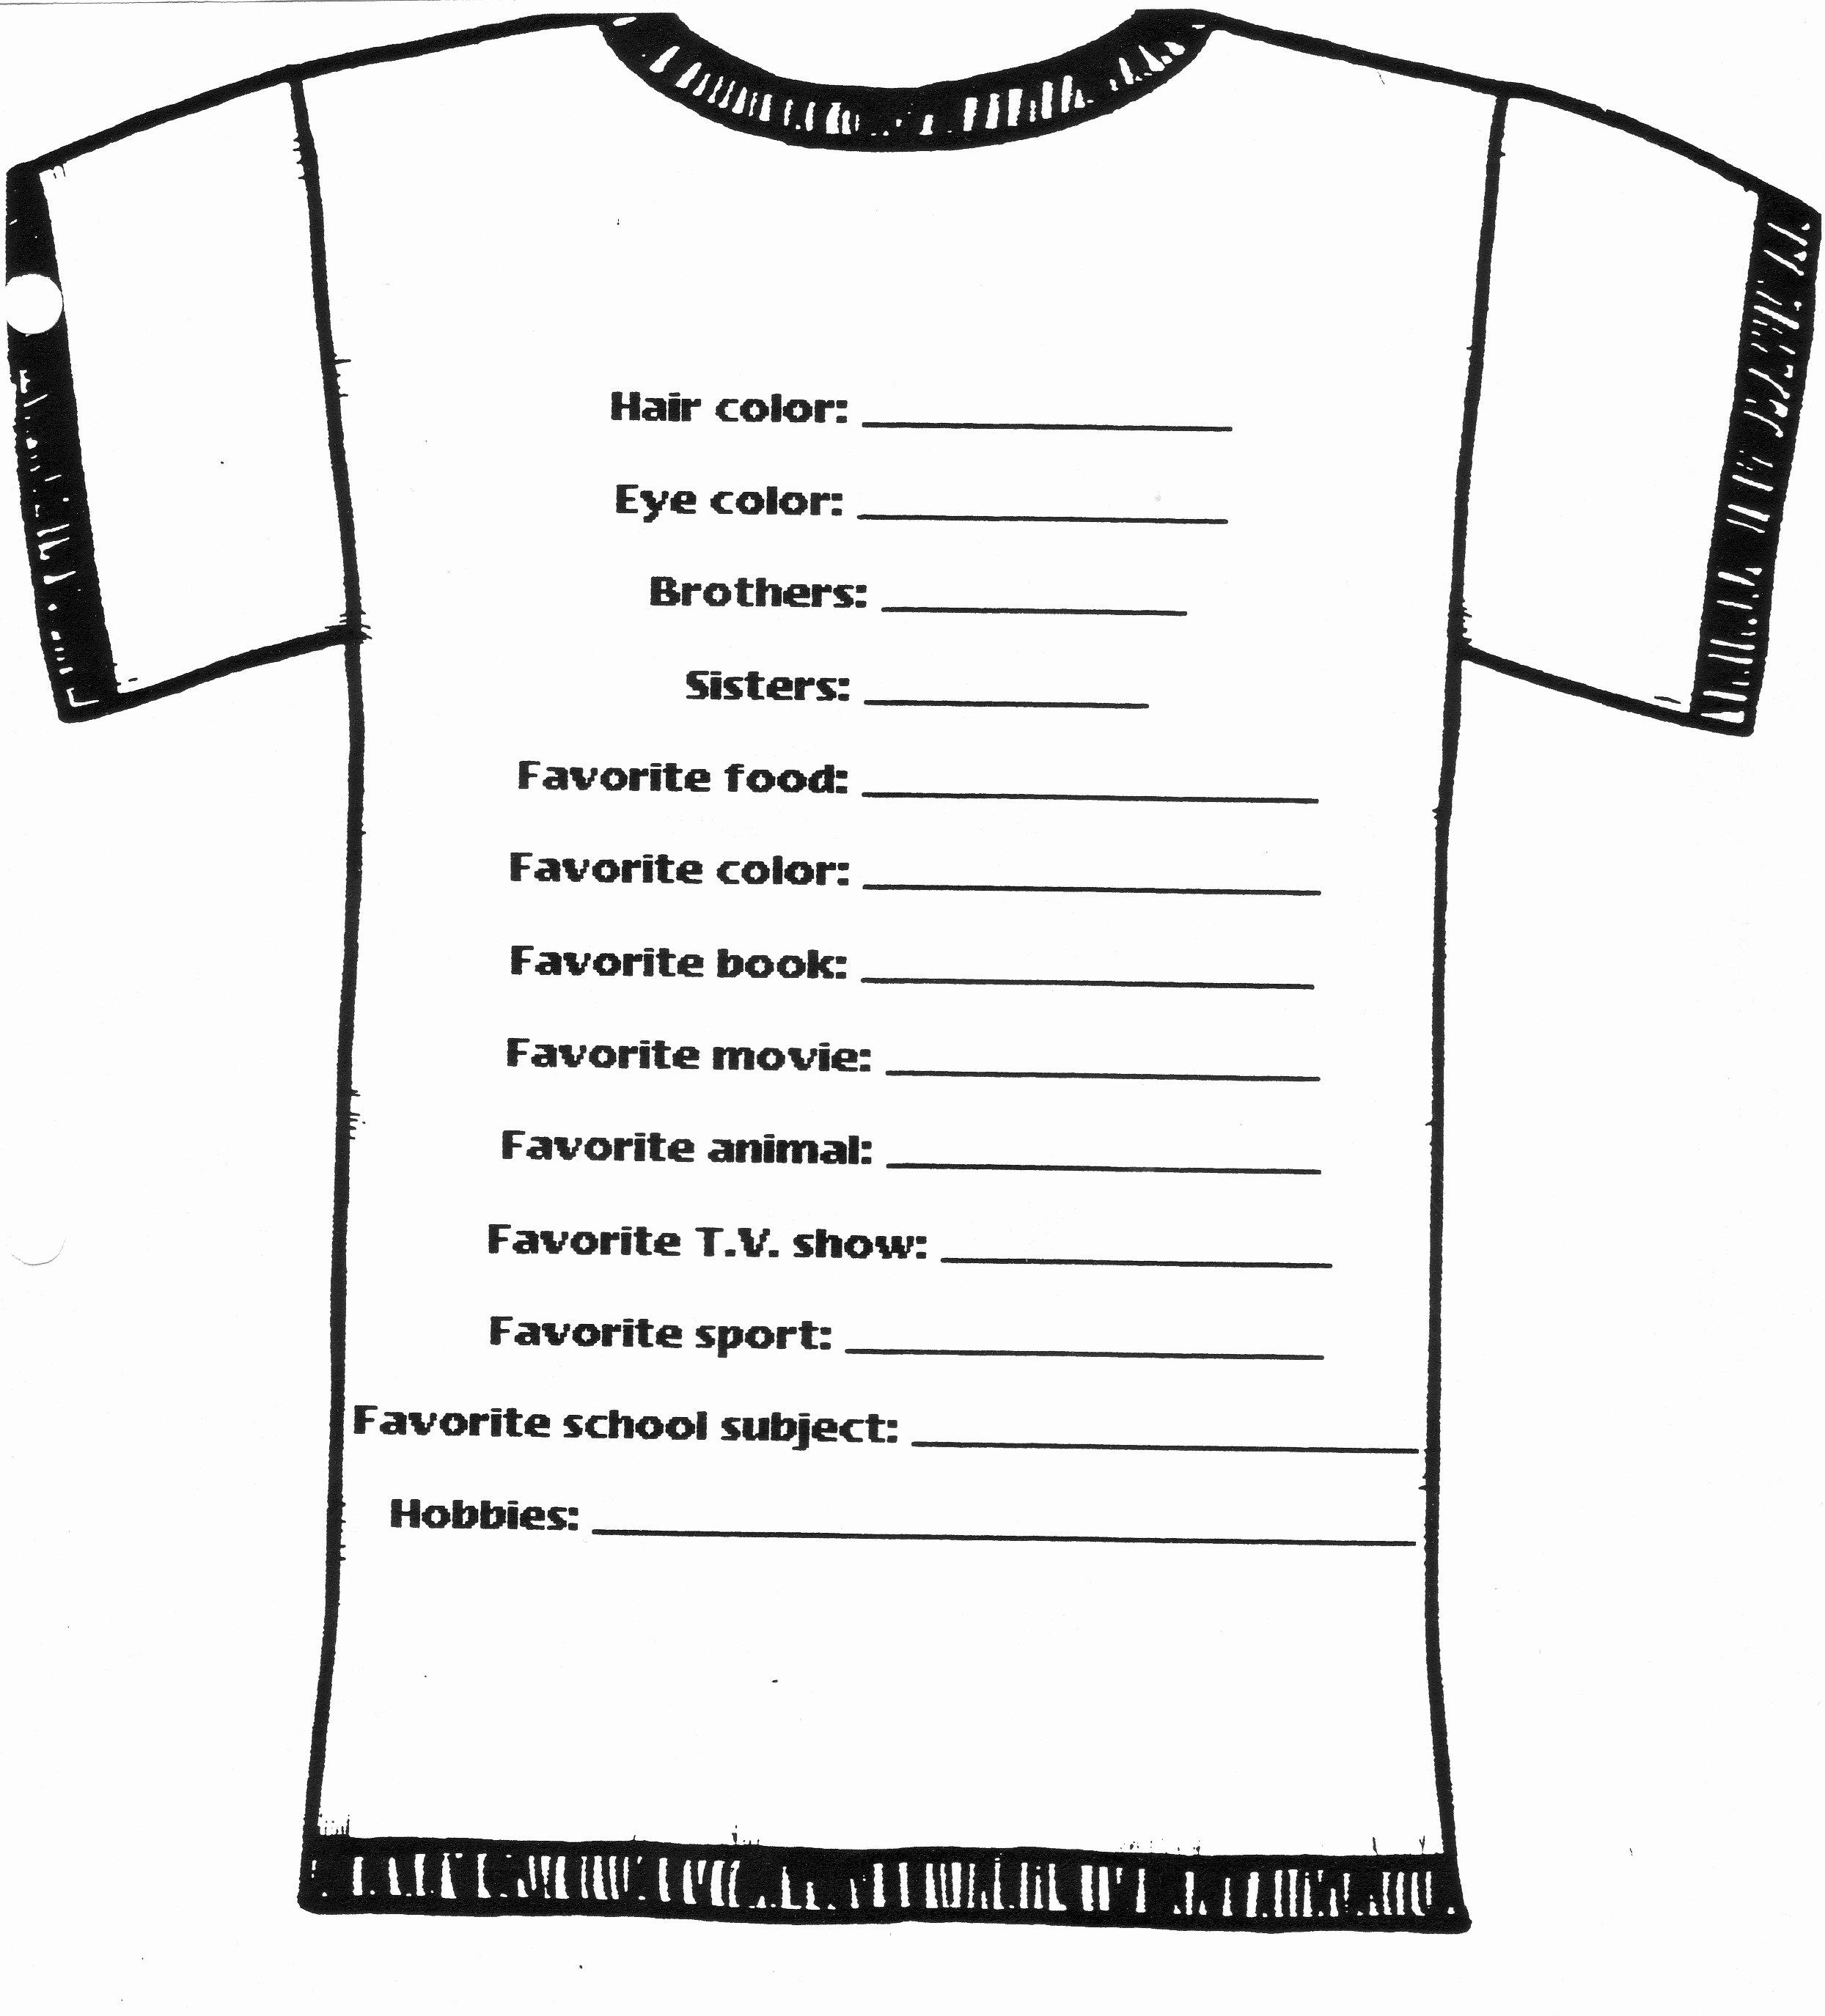 Free Tshirt order form Template Elegant T Shirt order form Template